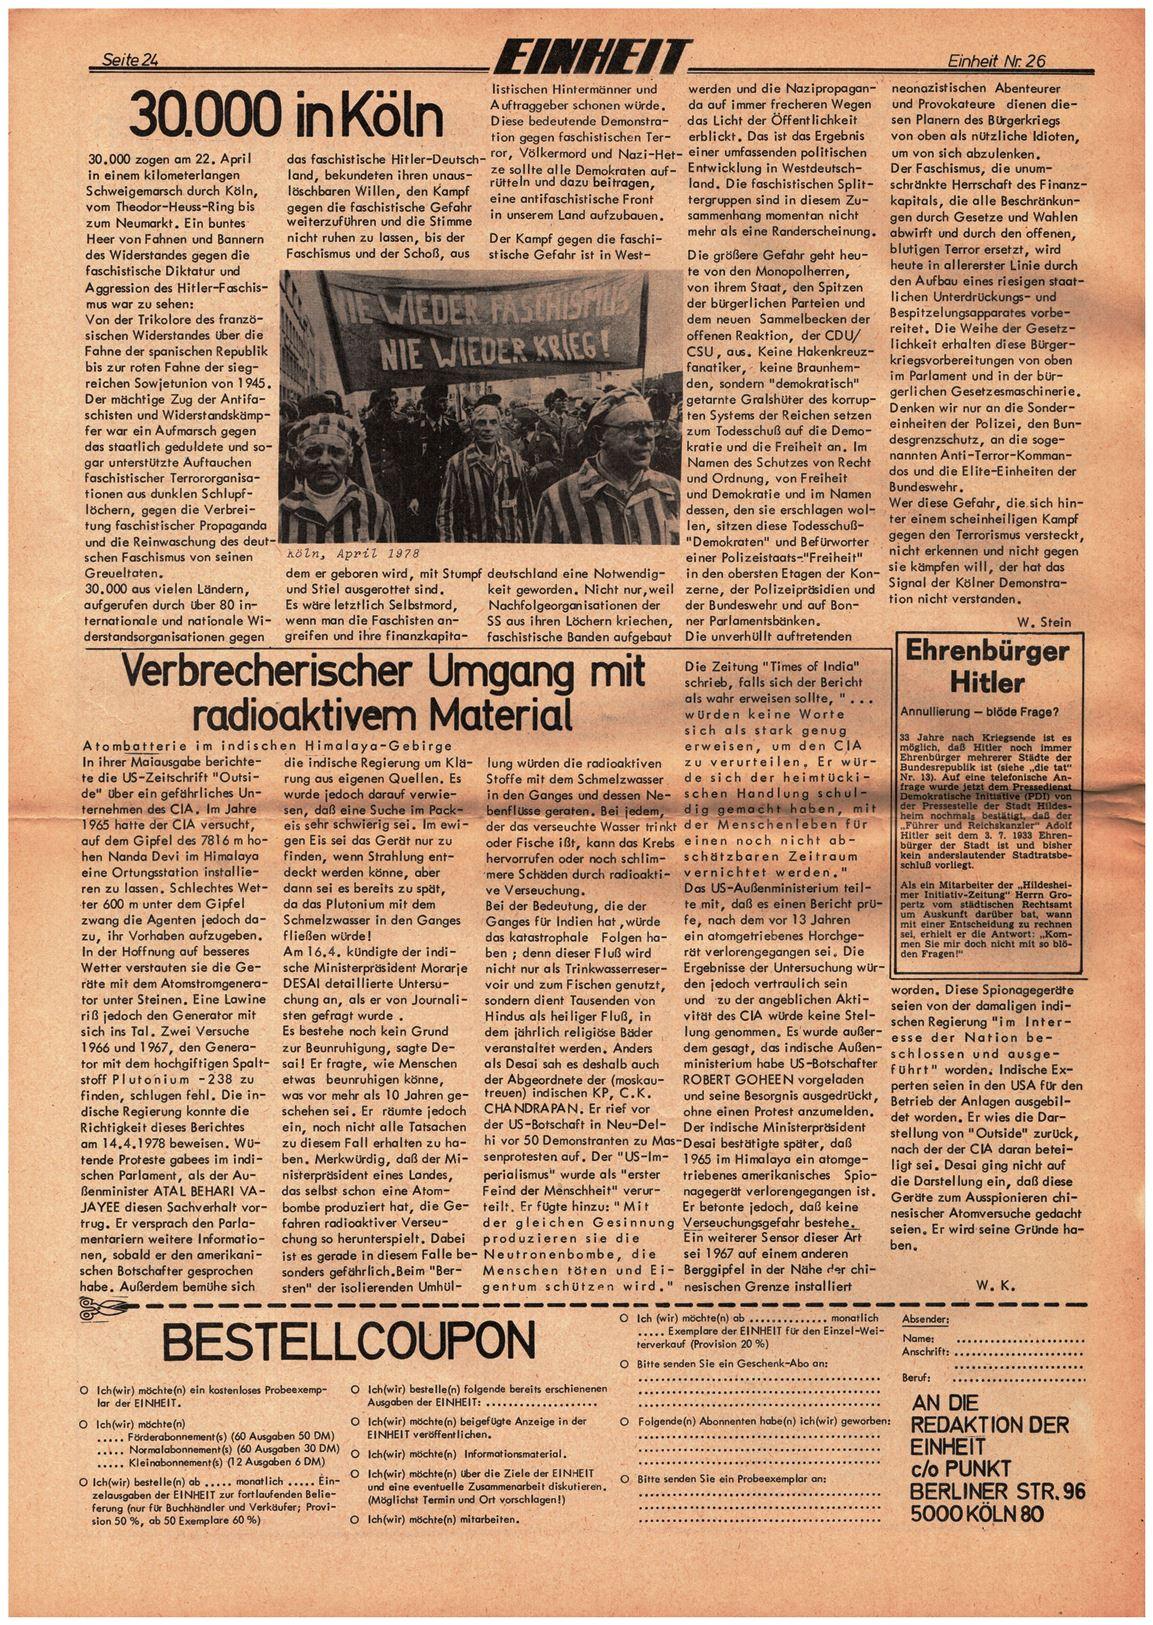 Koeln_IPdA_Einheit_1978_026_024